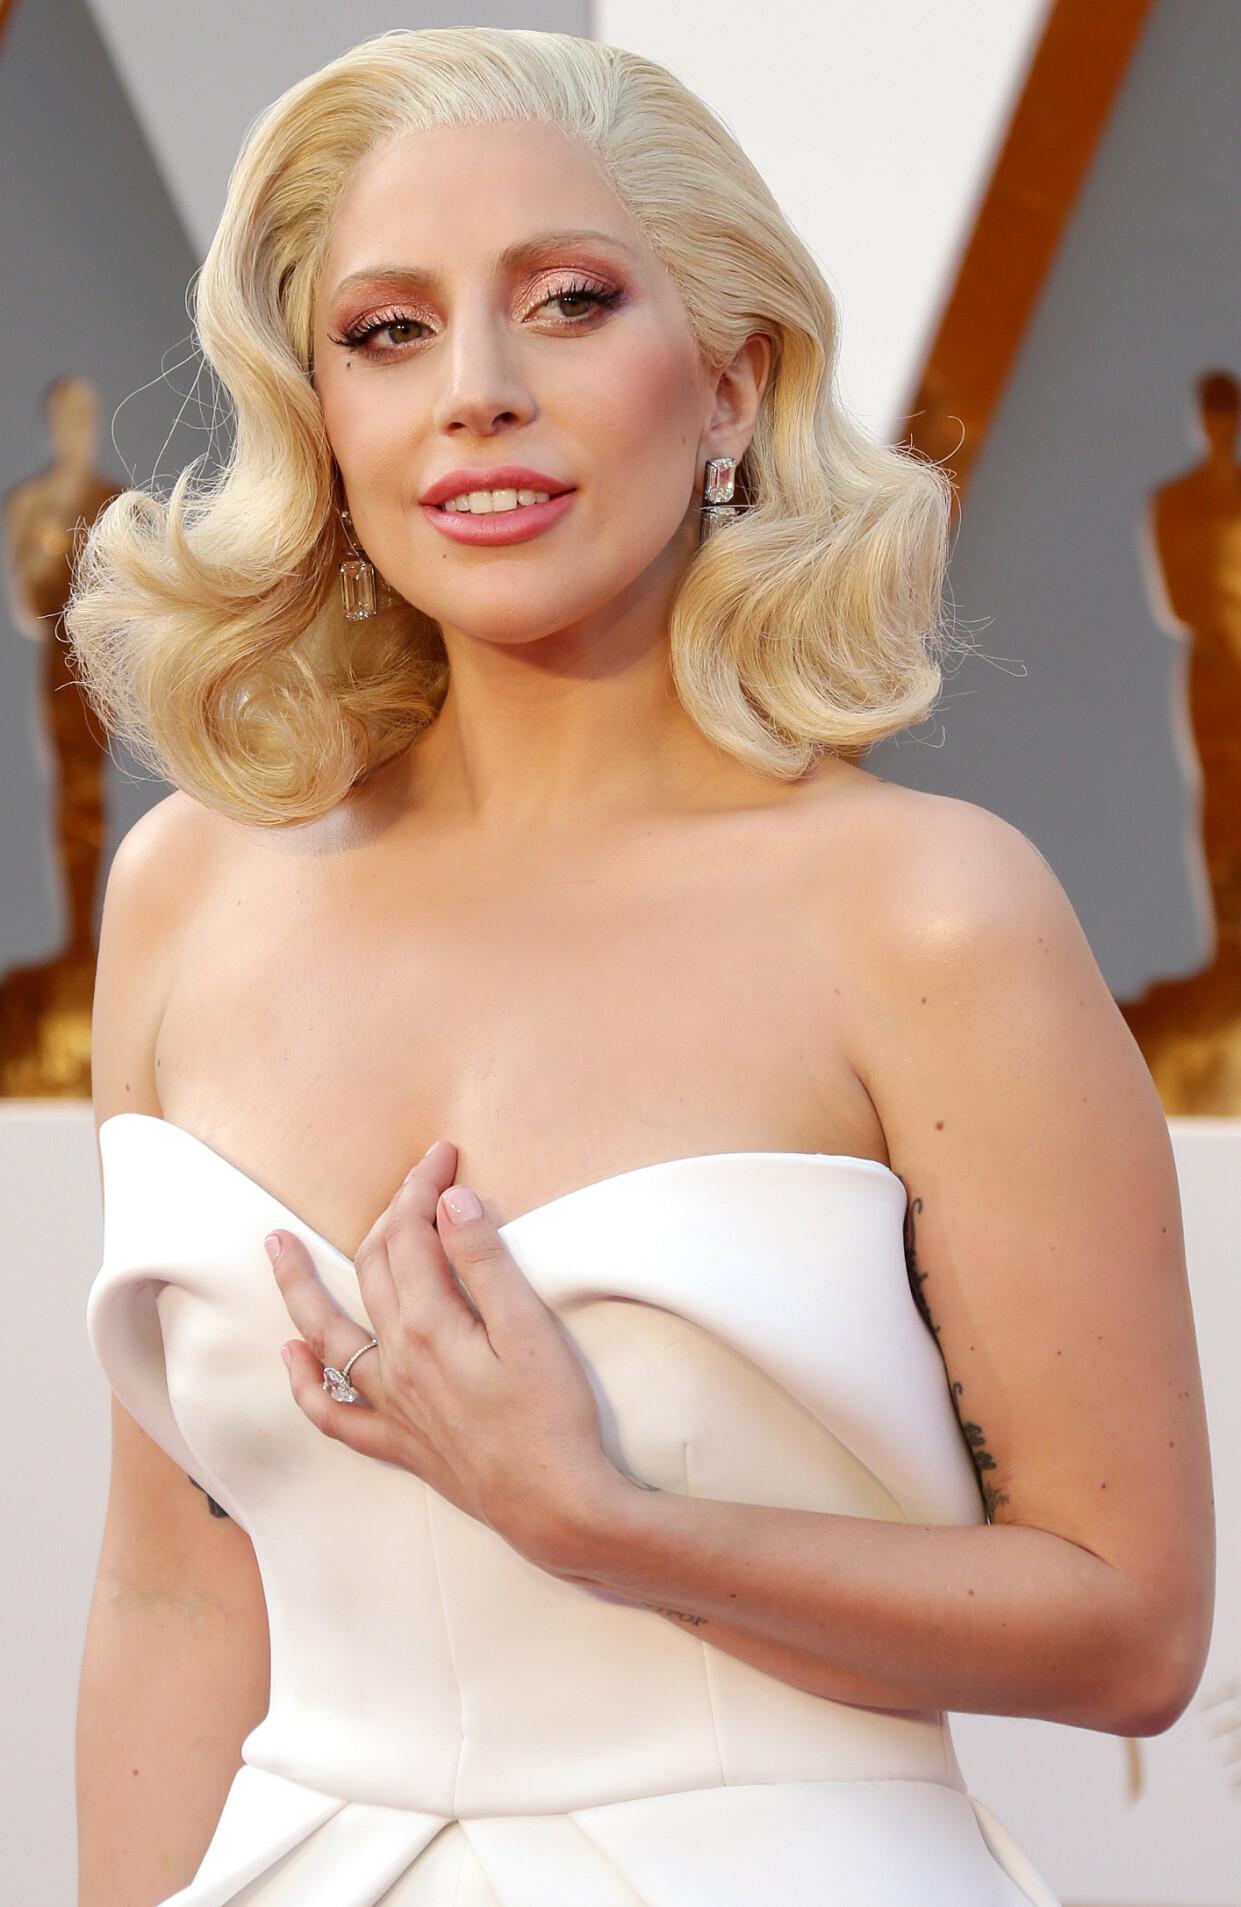 SUPERSTJERNE: Lady Gaga er en av de aller største stjernene vi har. Her er hun avbildet under en prisutdeling i 2016. FOTO: NTB